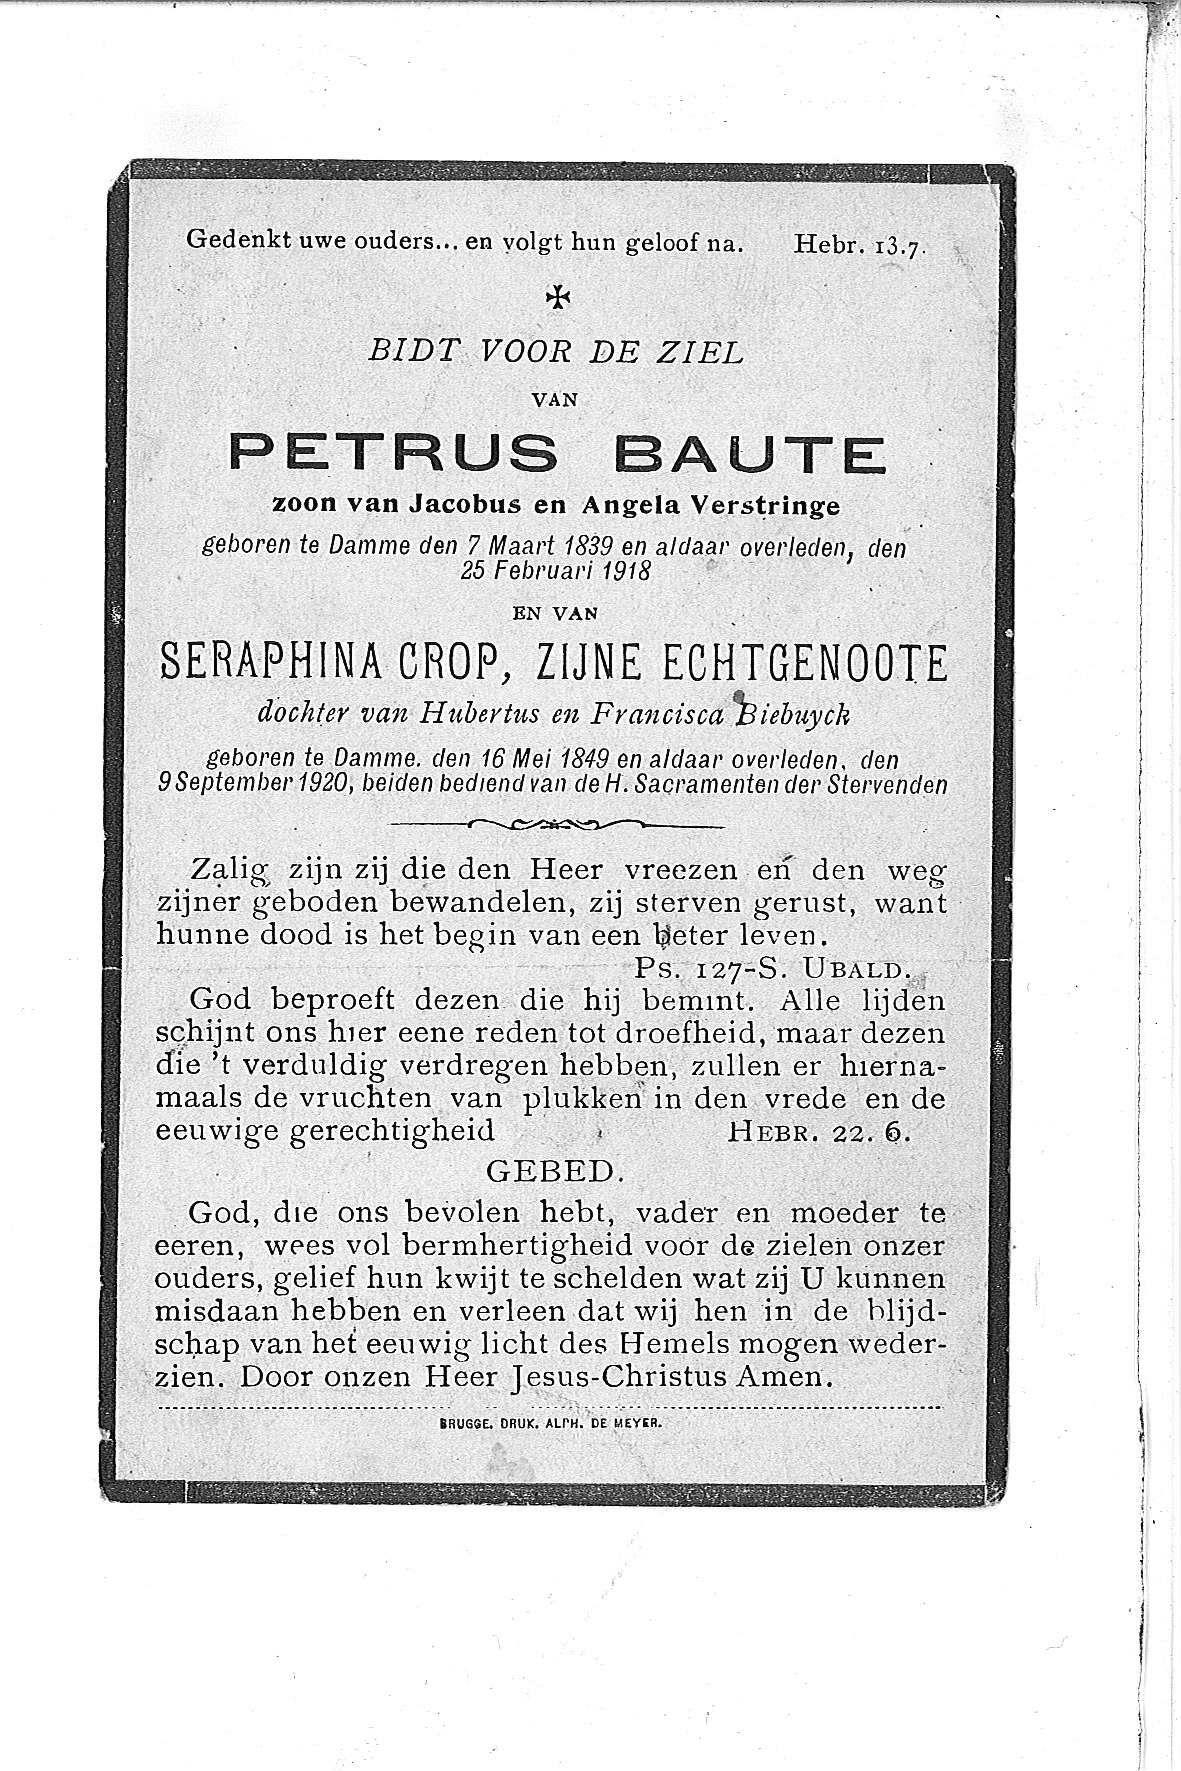 Petrus(1918)20101025143658_00001.jpg